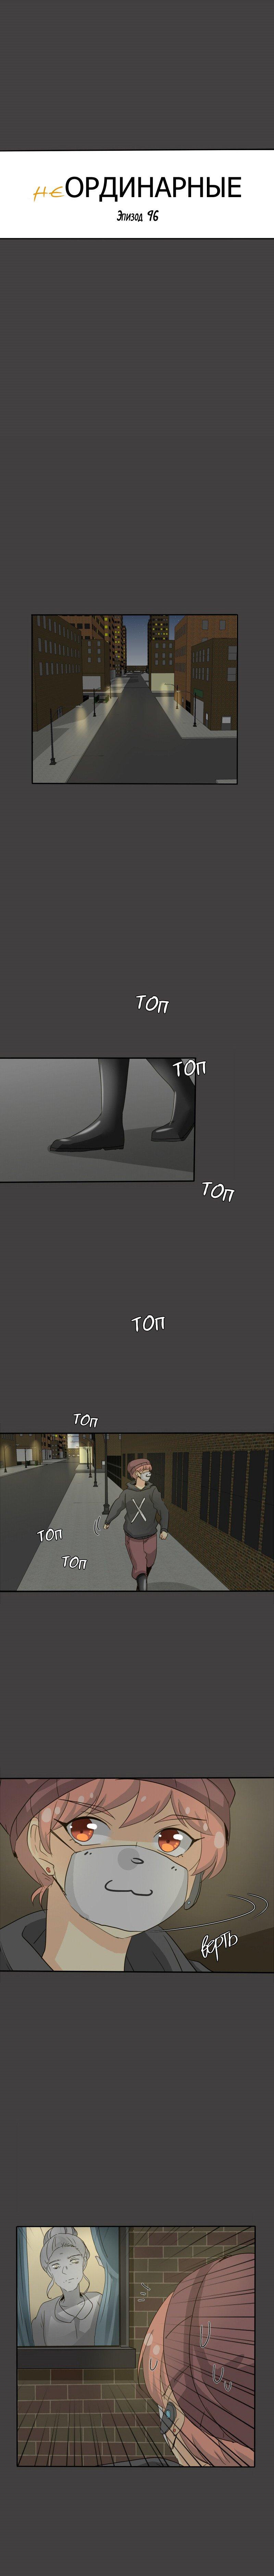 Манга неОРДИНАРНЫЕ / unORDINARY  - Том 1 Глава 101 Страница 2